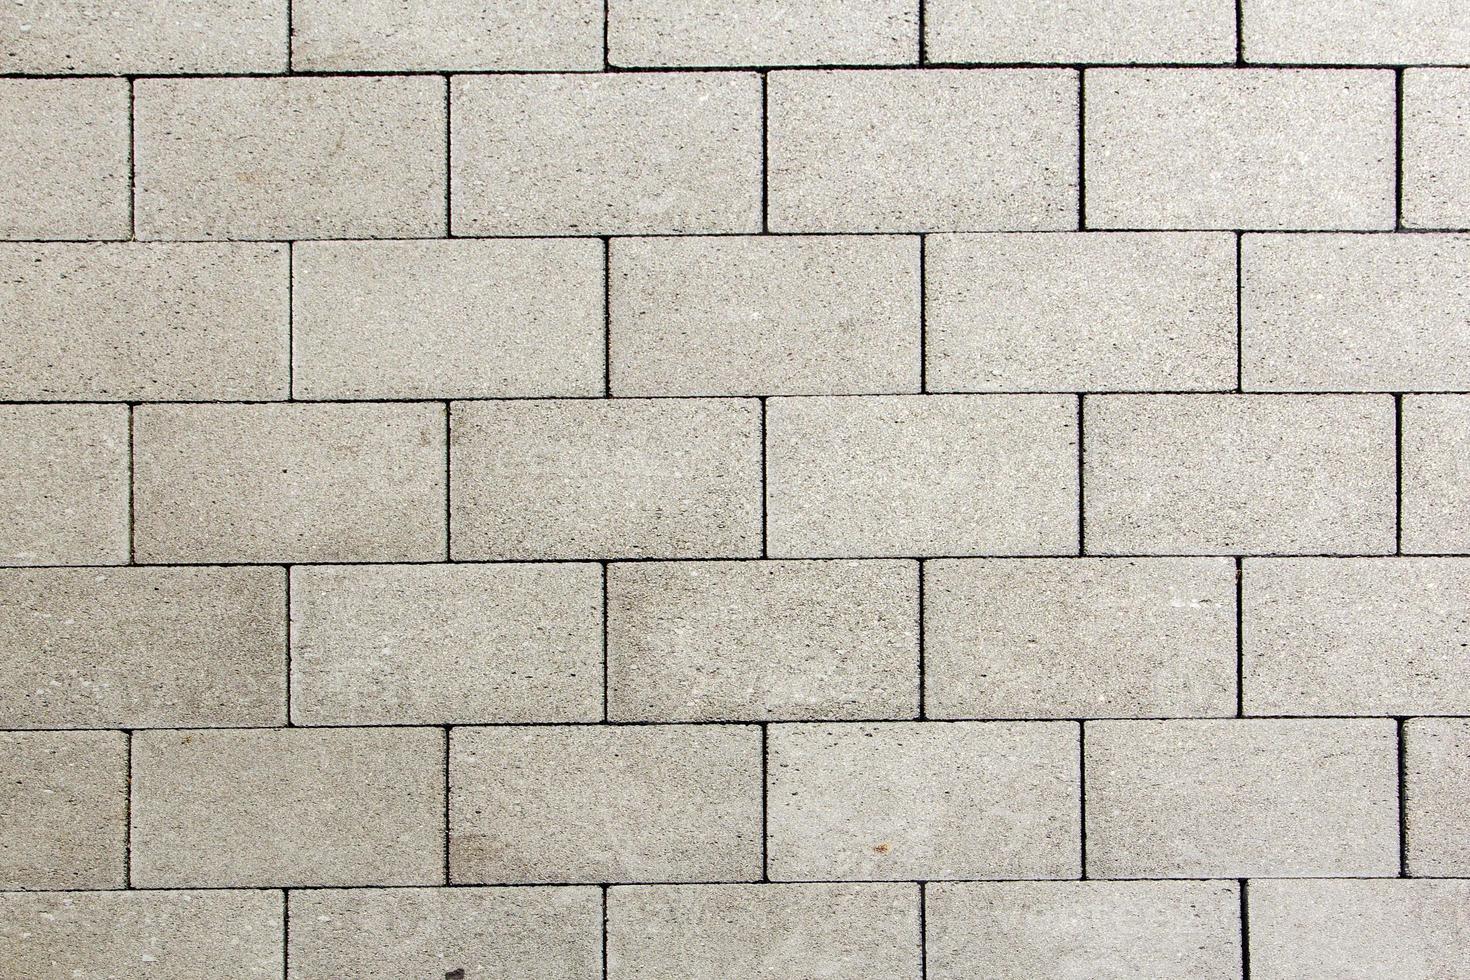 detalj av plattor på gatan ger ett harmoniskt mönster foto